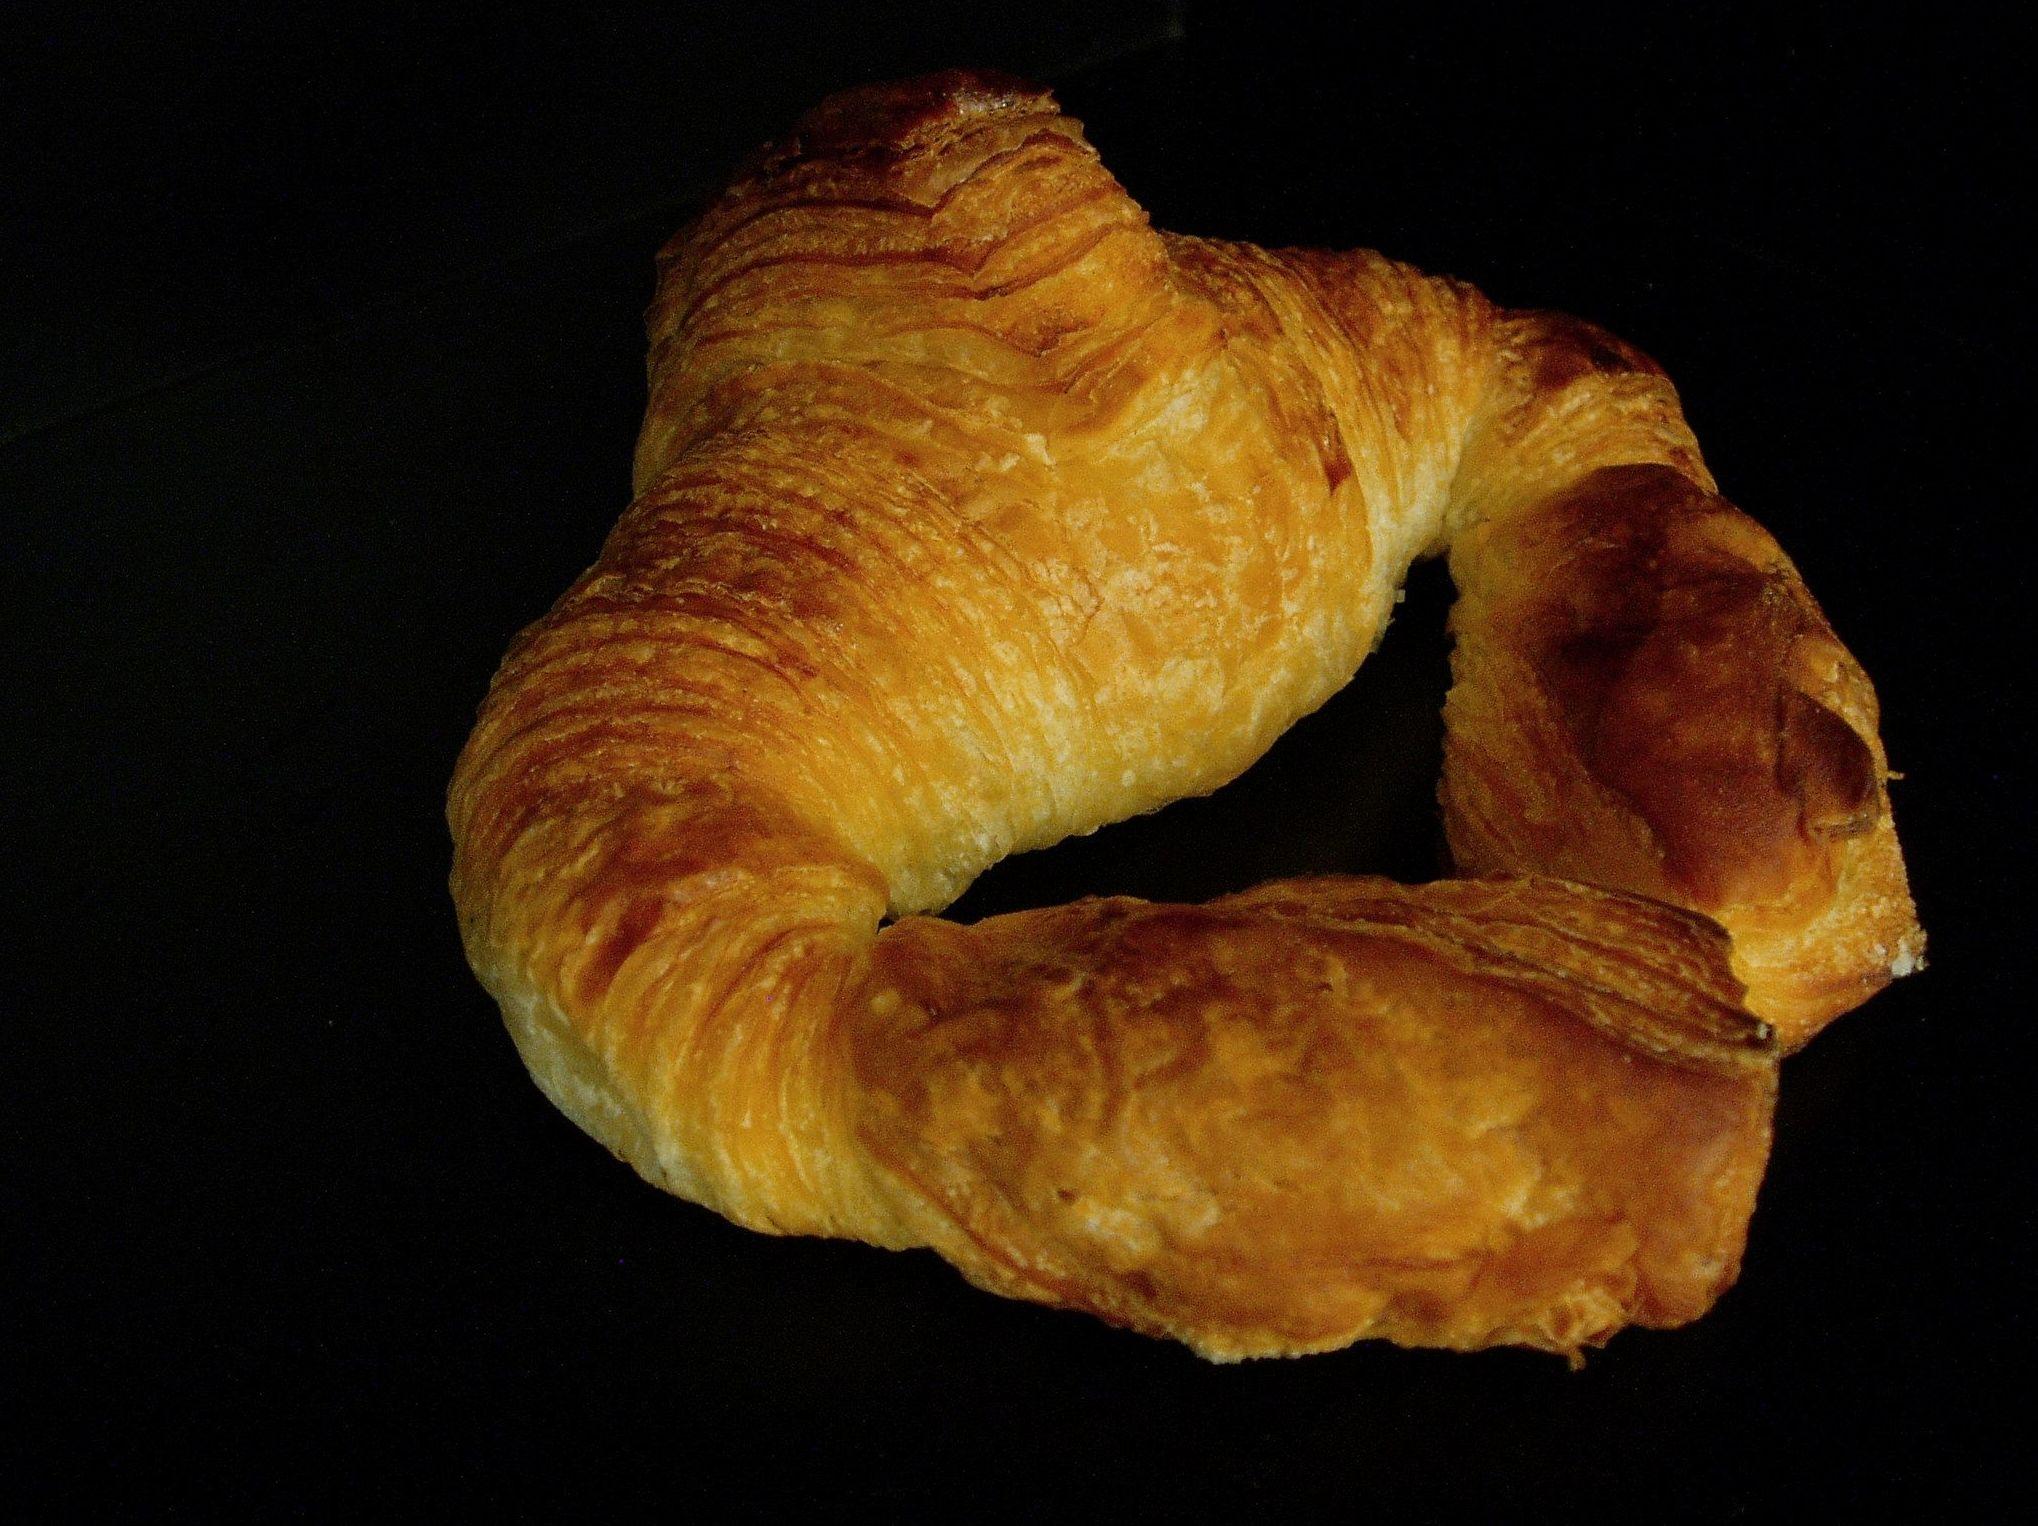 Croissant Recién hecho: Catálogo de Pastelería Oiartzun